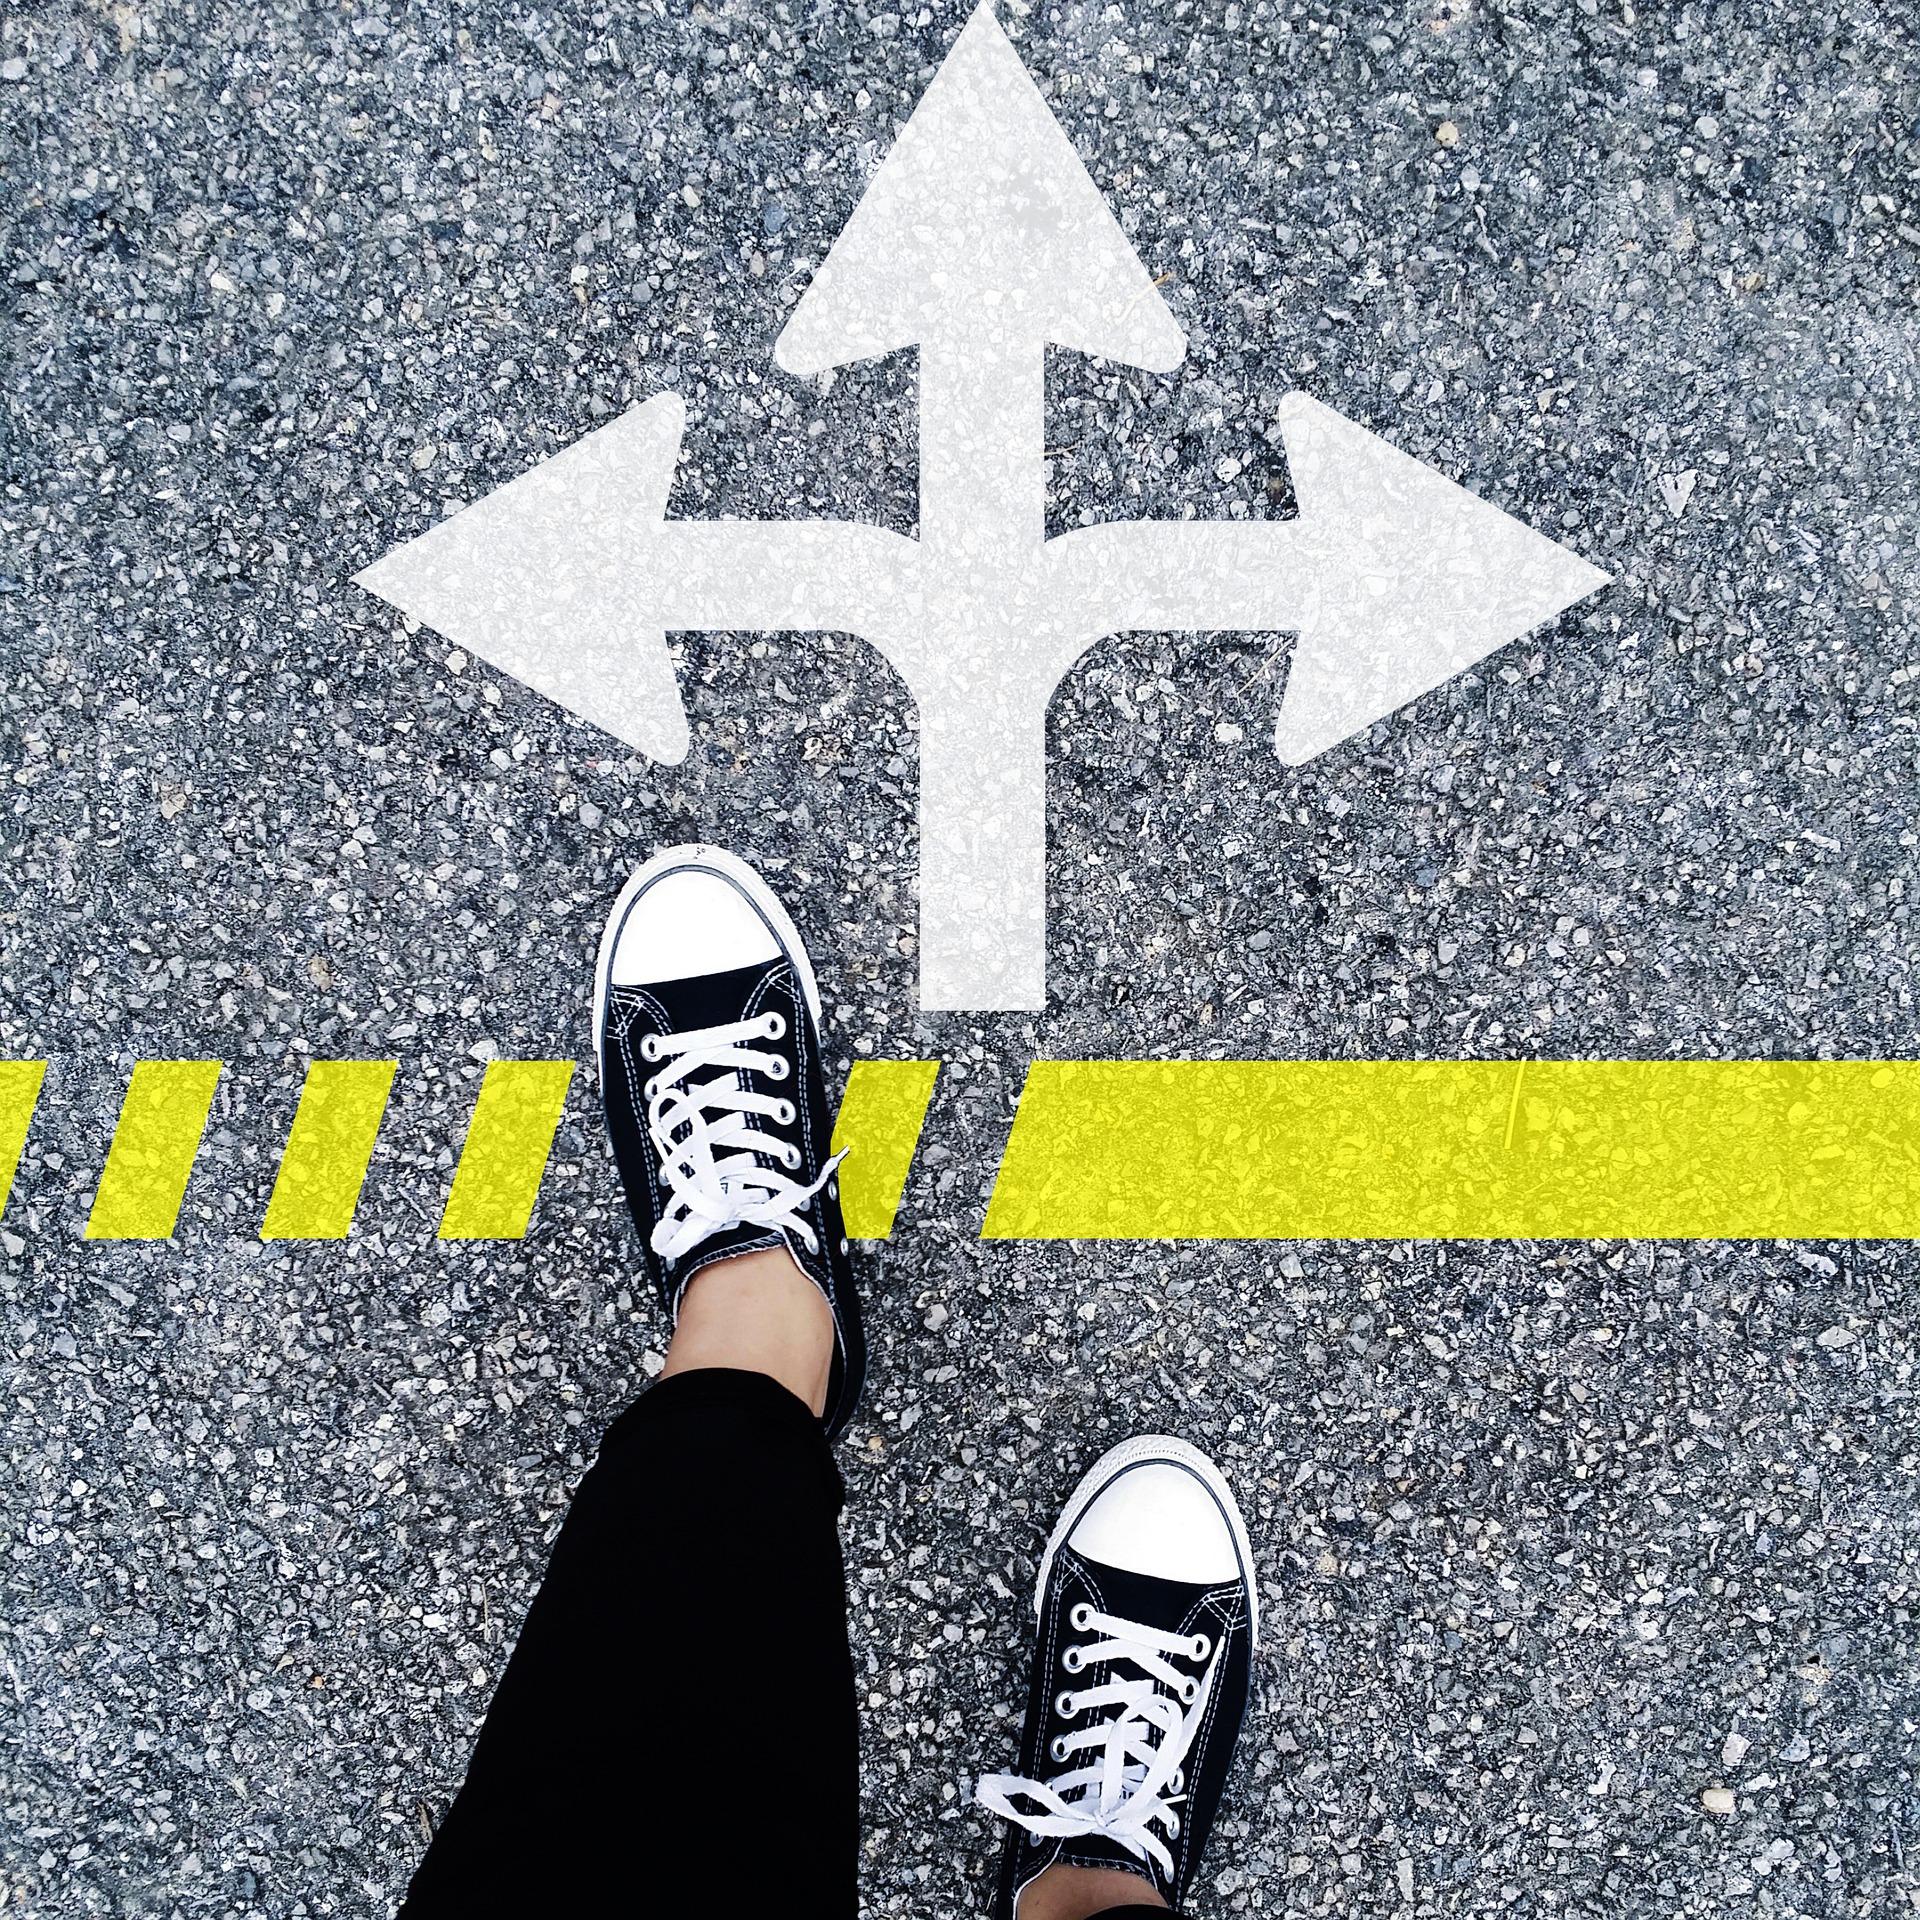 Pids sur une route où 3 flèches de direction sont dessinées